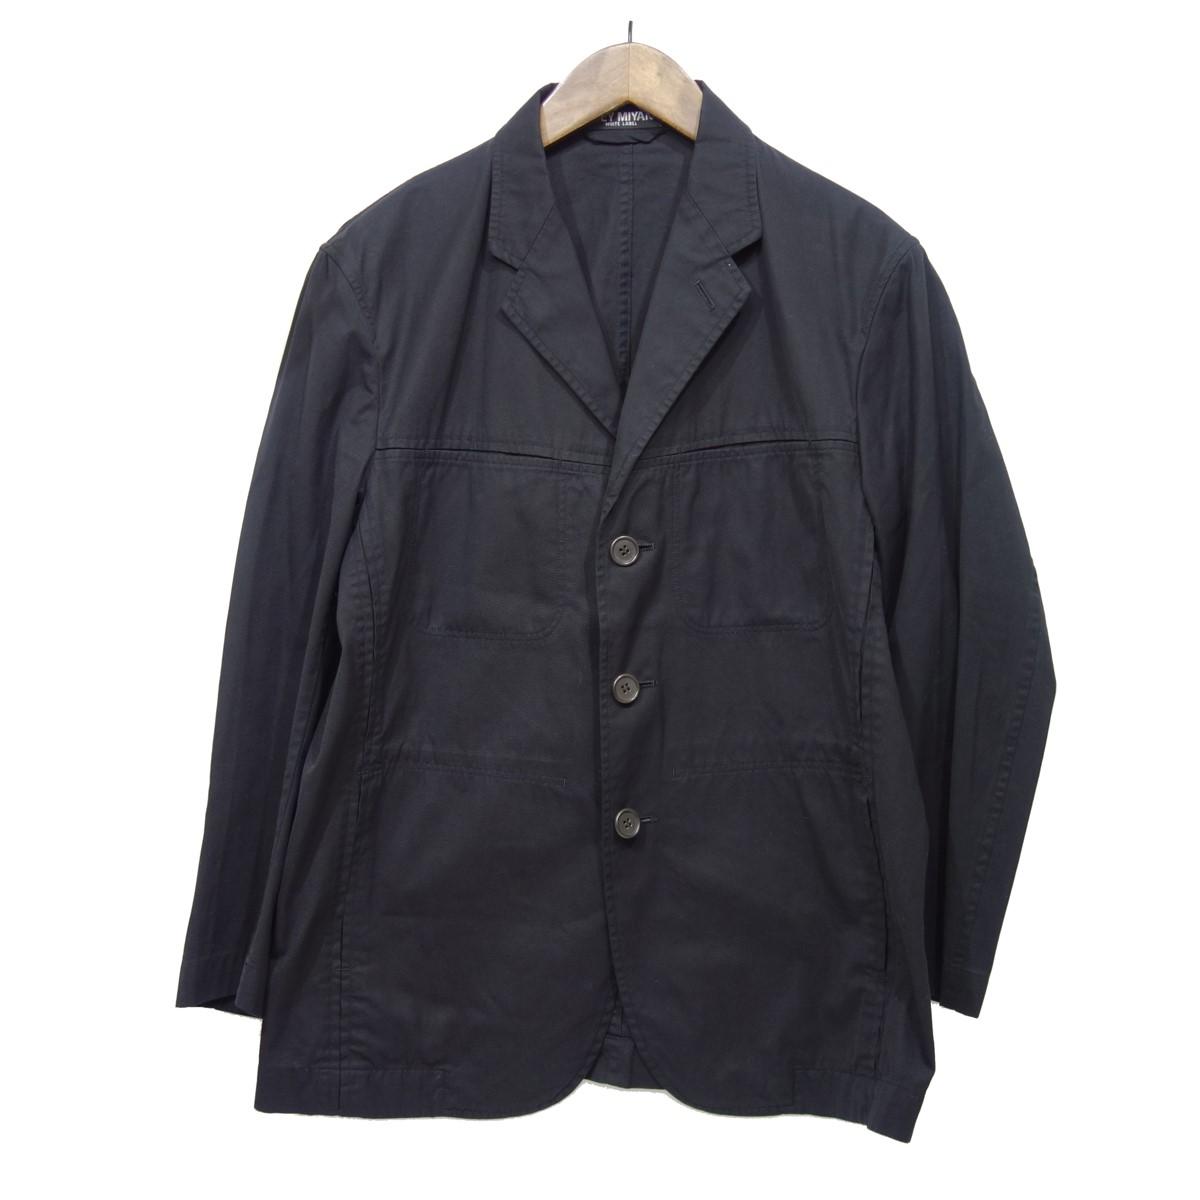 【中古】ISSEY MIYAKE WHITE LABEL 3Bジャケット ブラック サイズ:1 【050720】(イッセイミヤケ ホワイトレーベル)